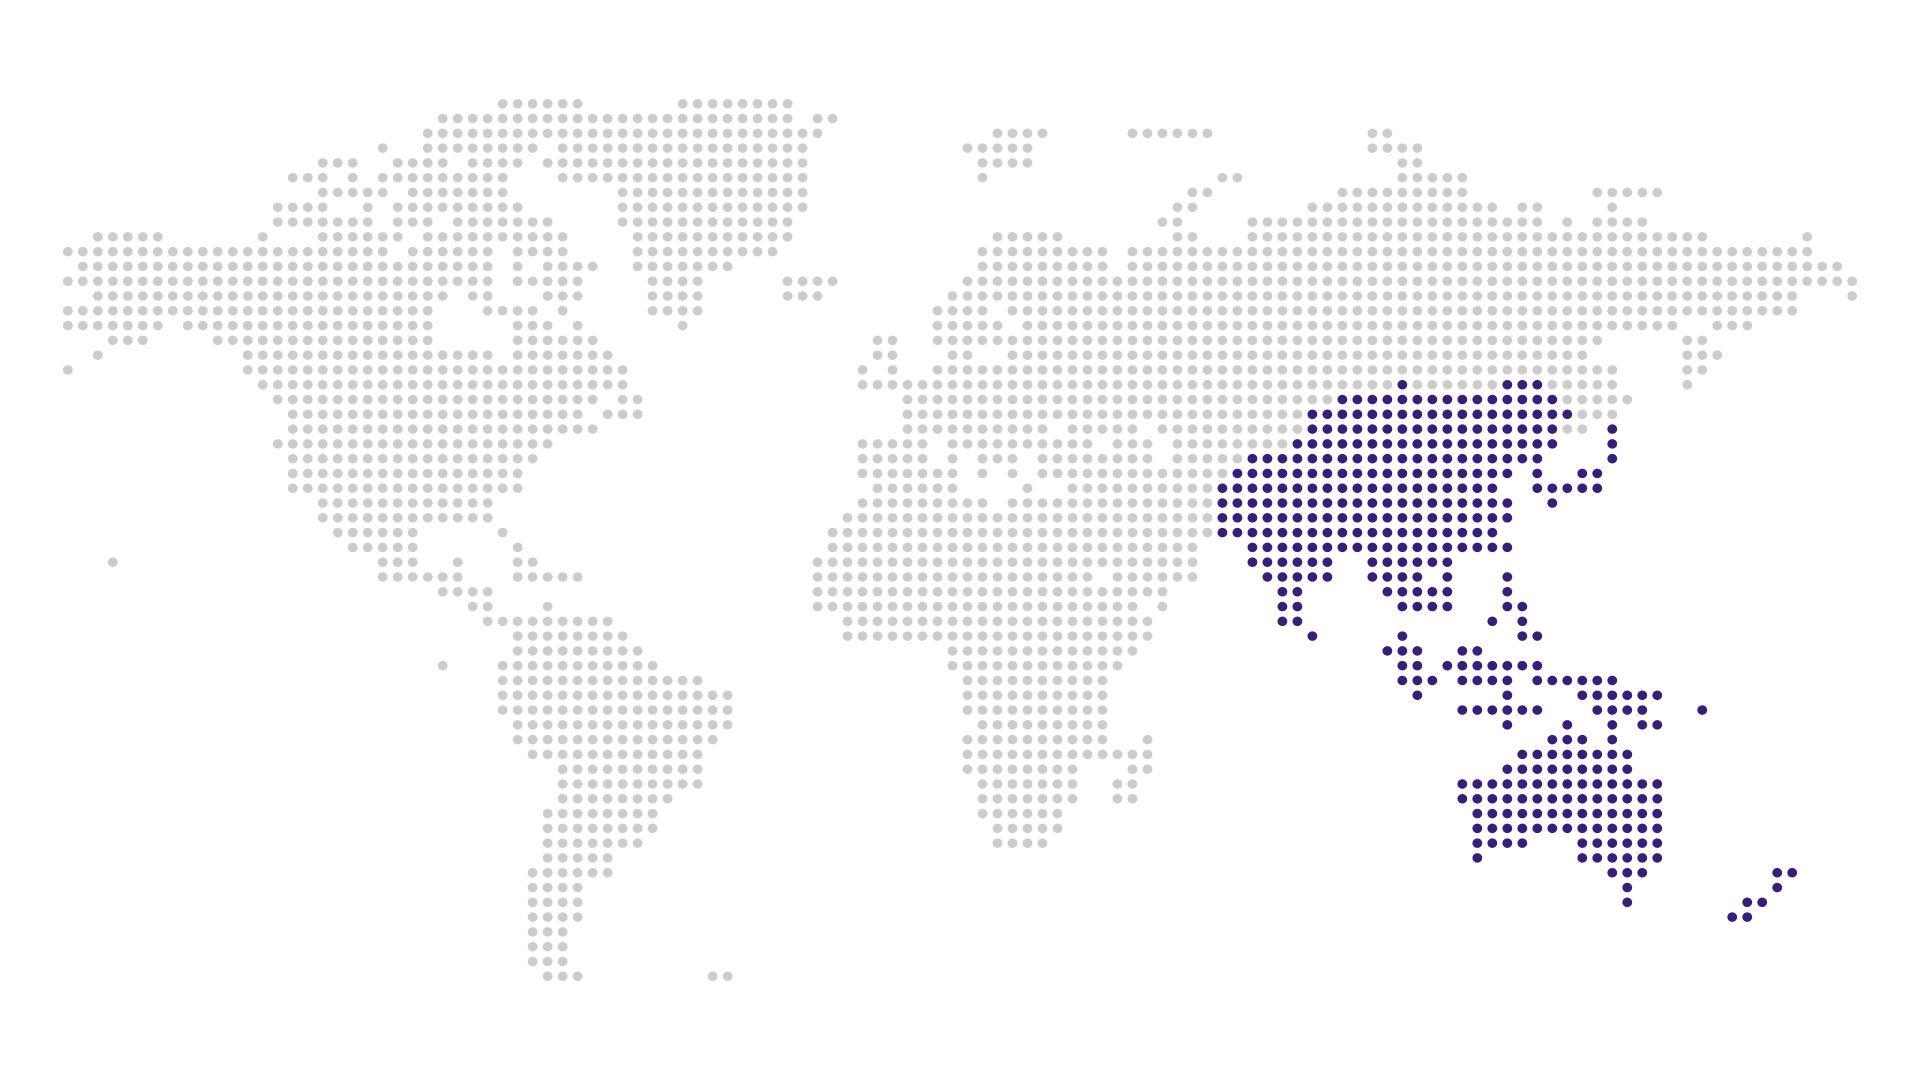 EMEA Region on Map